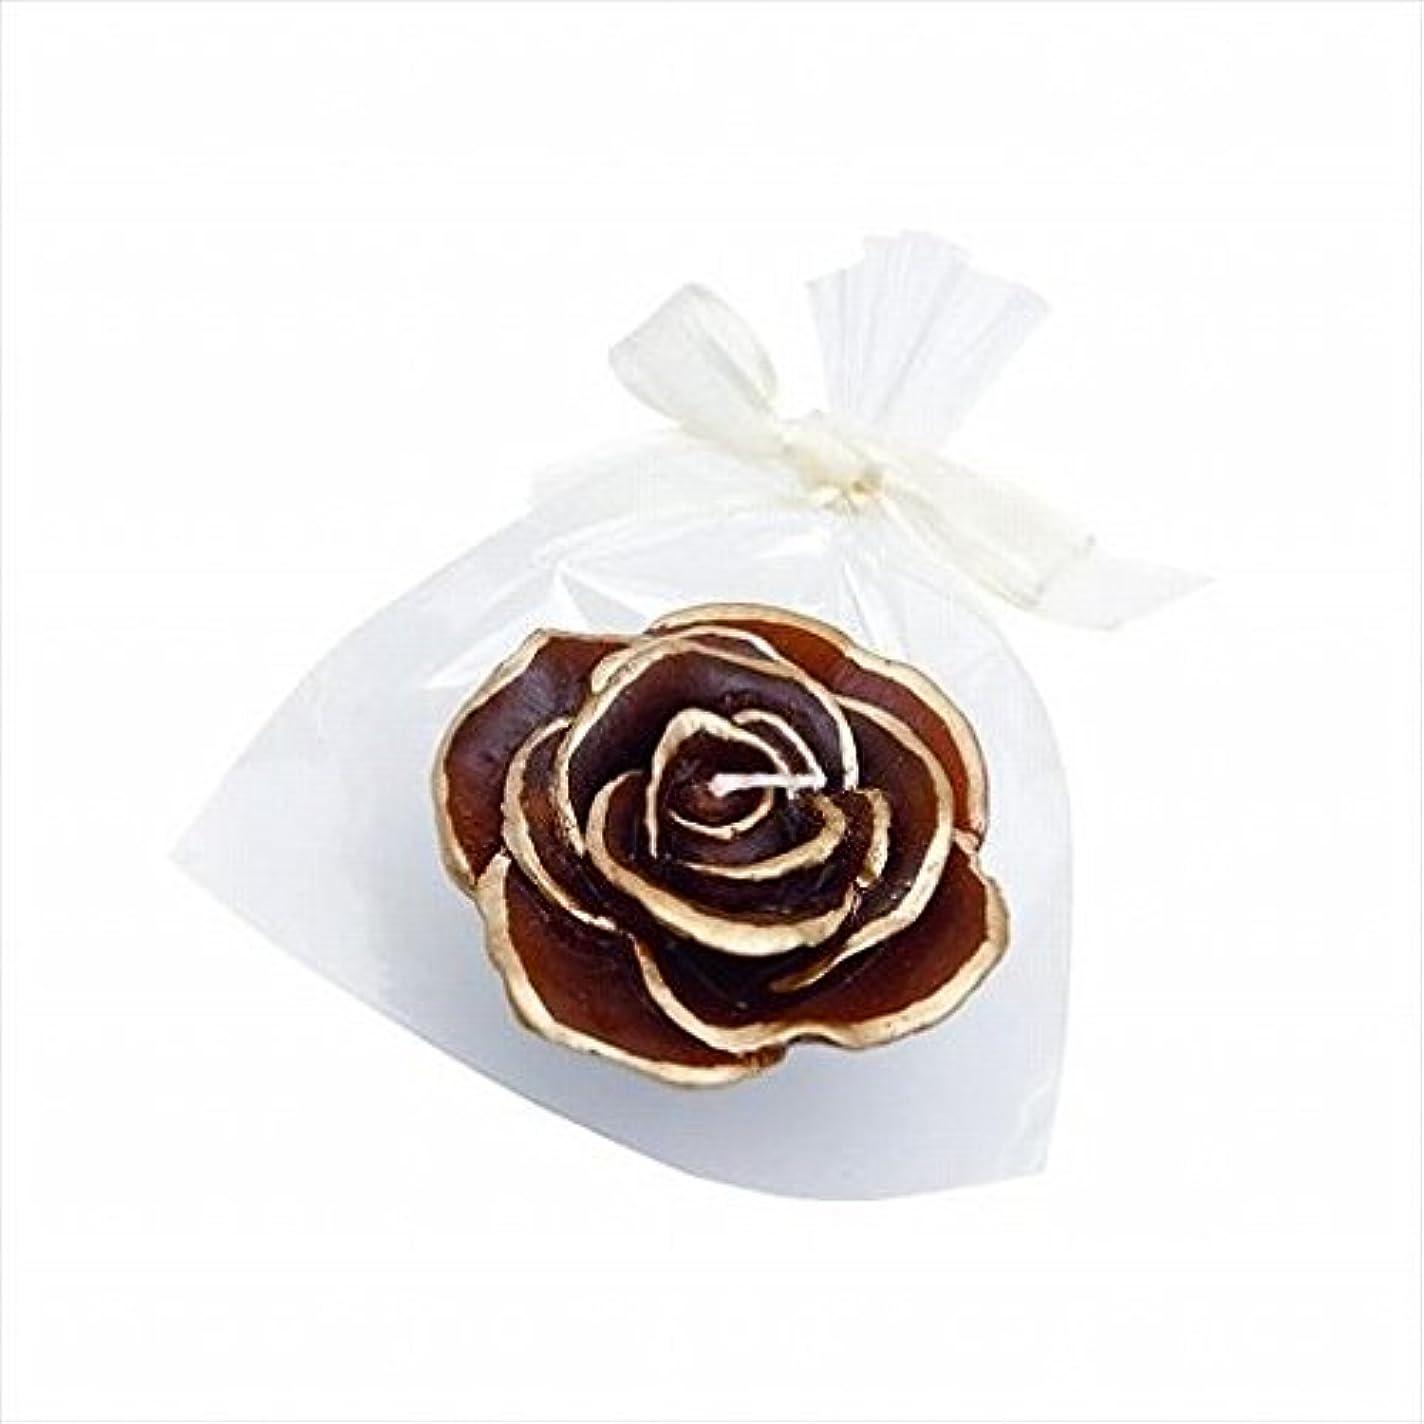 発火する妊娠したラフ睡眠kameyama candle(カメヤマキャンドル) プリンセスローズ 「 チョコレート 」(A6390500CH)